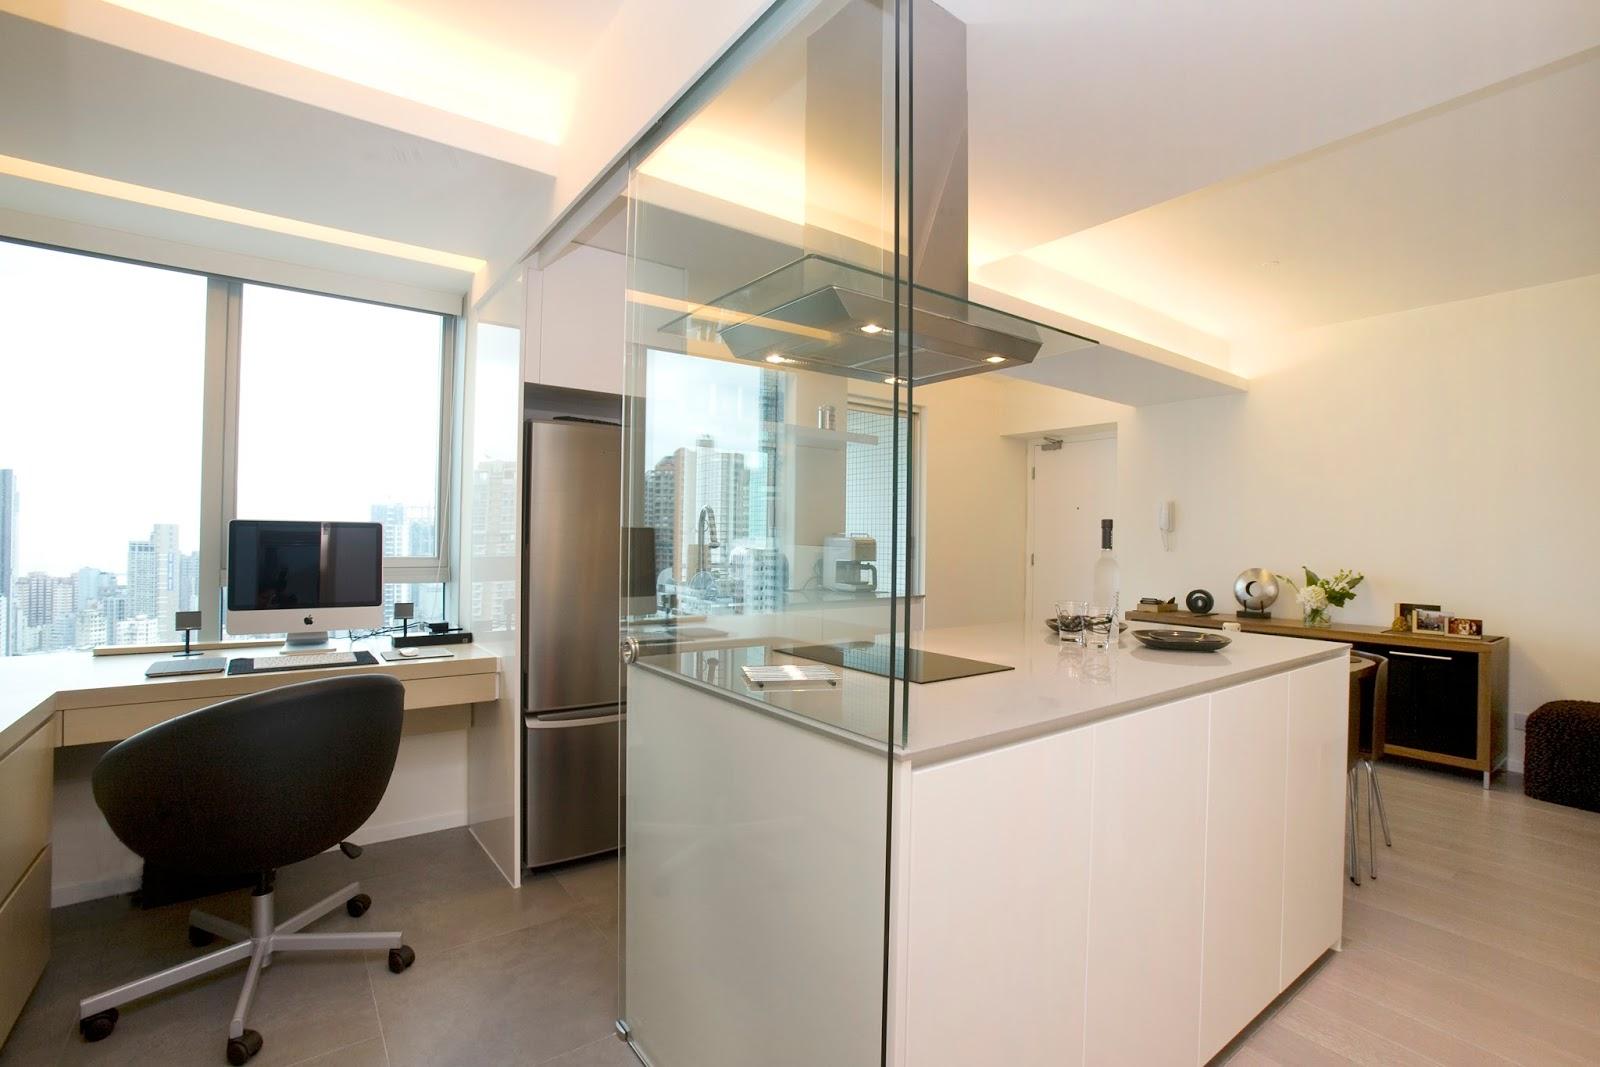 hong kong interior design tips & ideas | clifton leung: studio